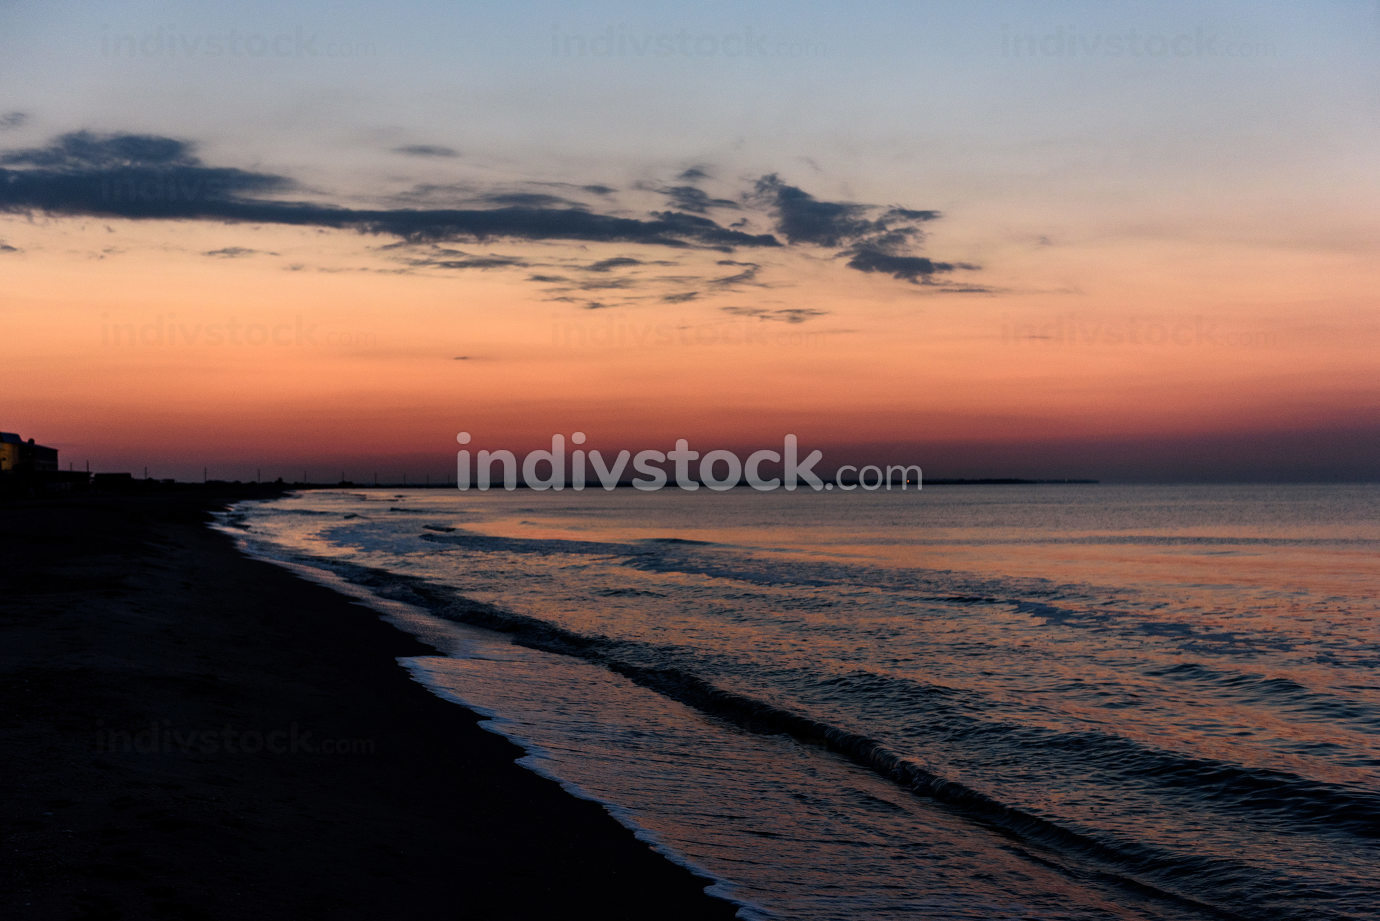 dawn of the sea, the sea calm